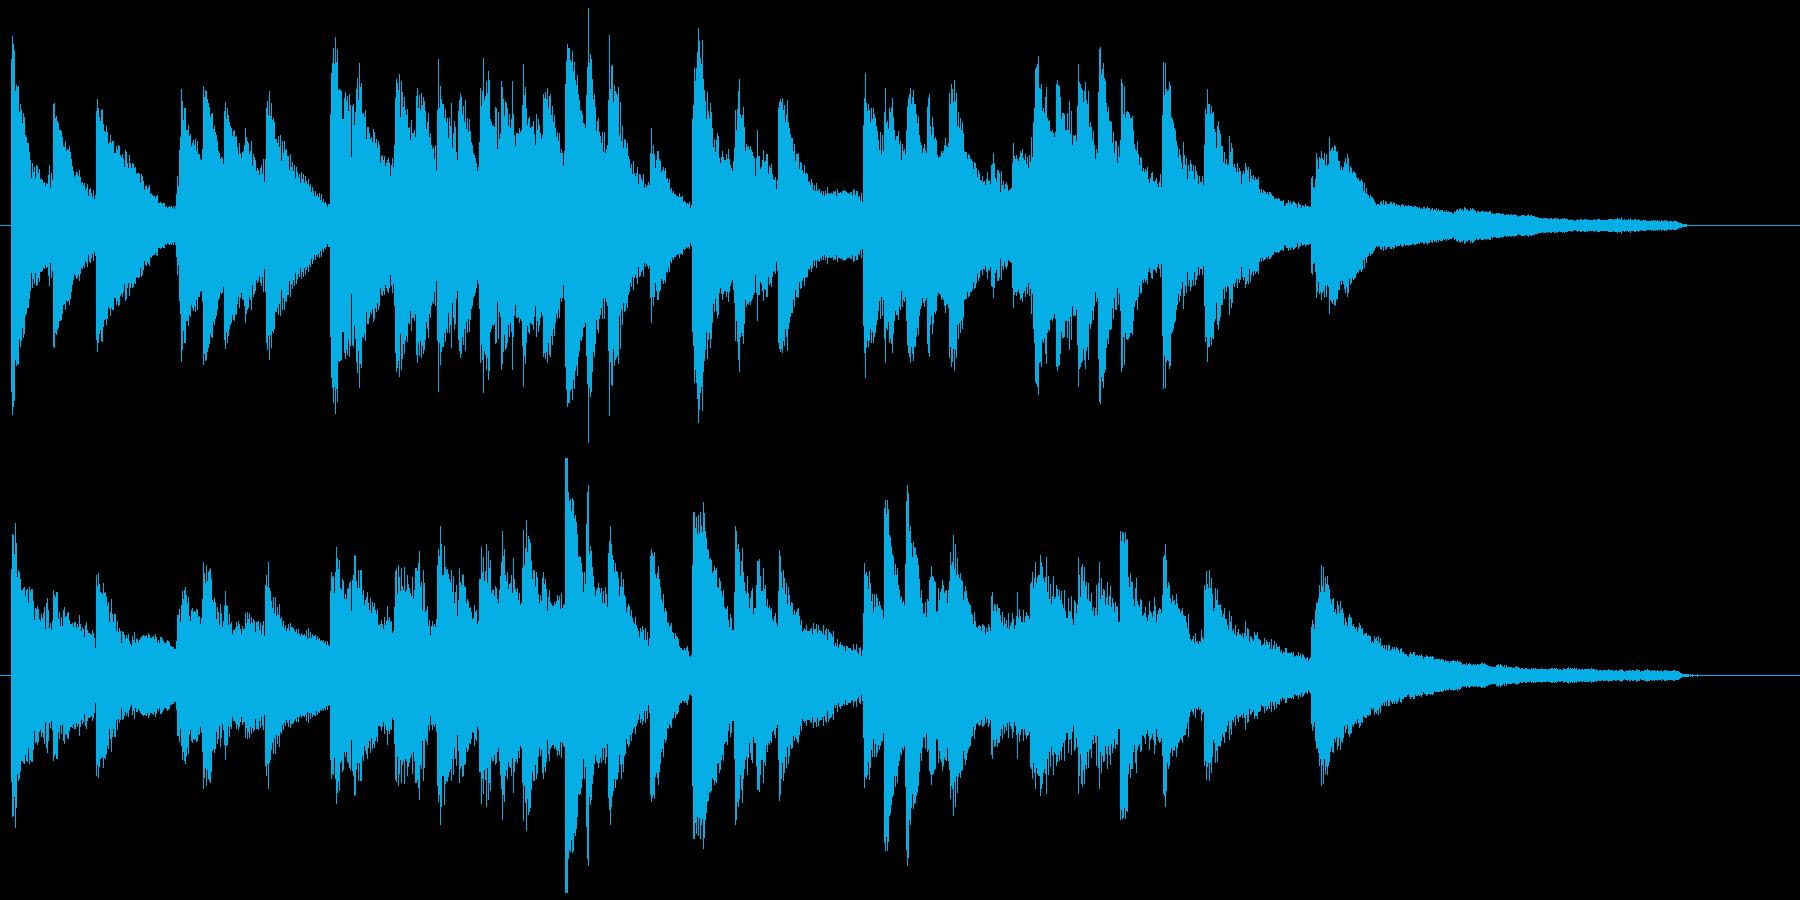 短いピアノソロ曲 ドラマ場面切り替え等にの再生済みの波形